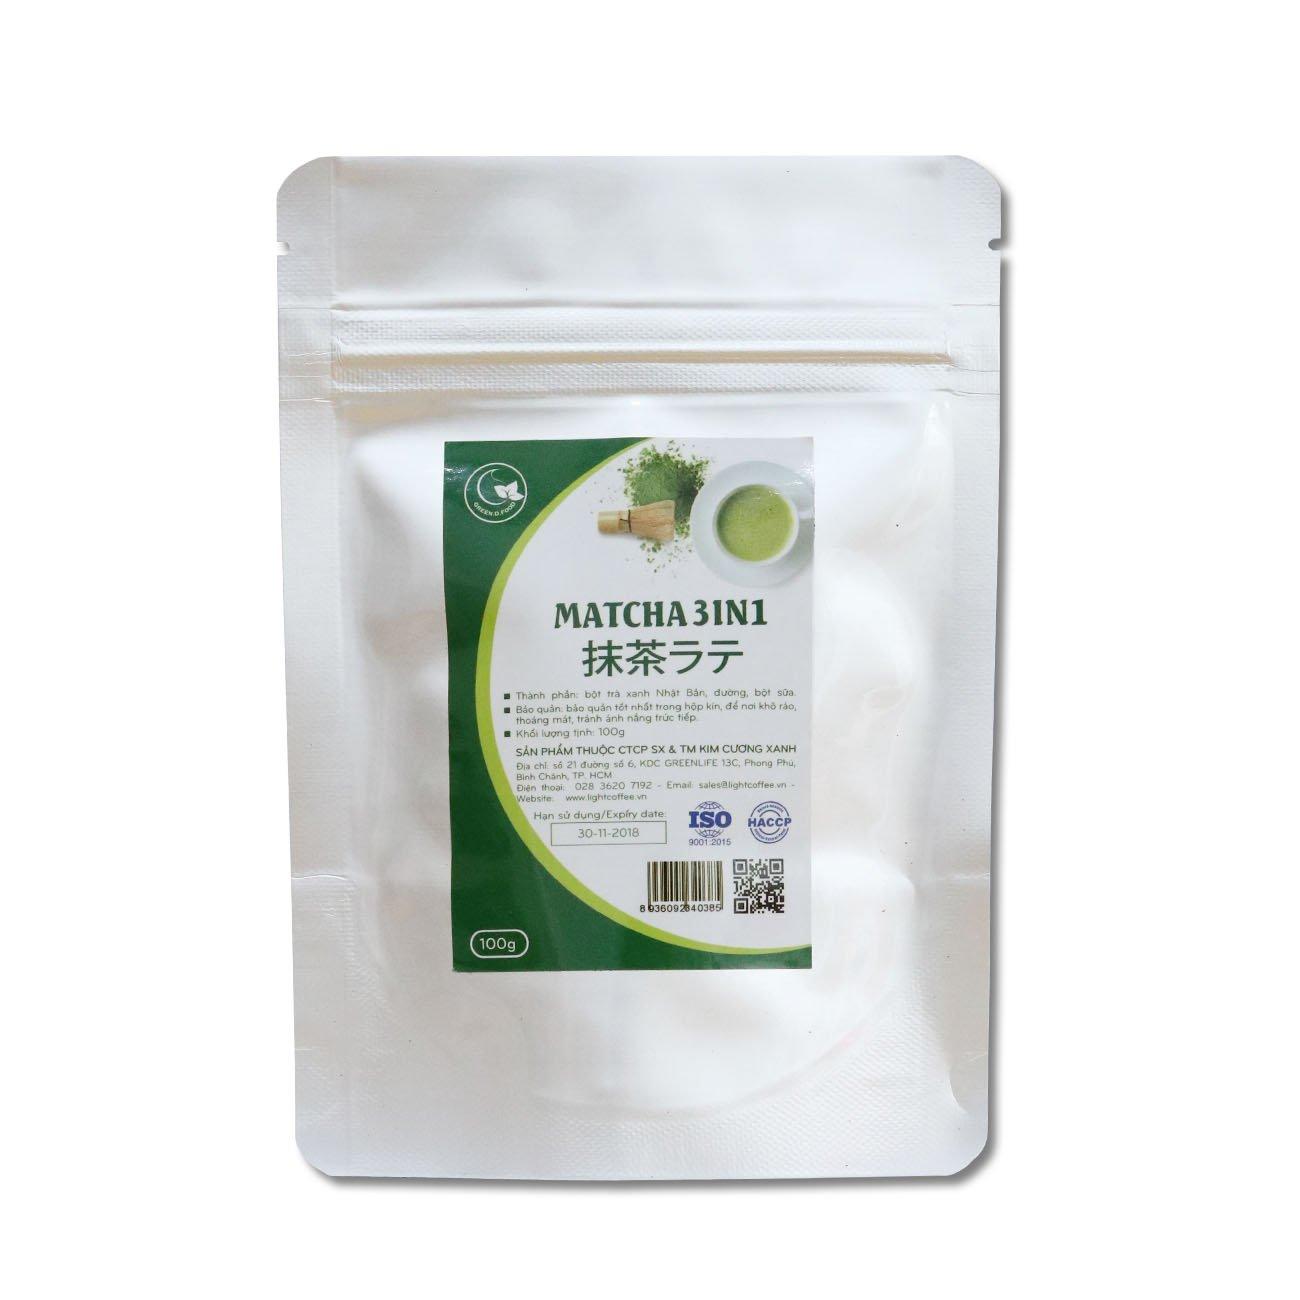 100g - Bột trà xanh matcha 3IN1 (trà xanh sữa) - Green D Food